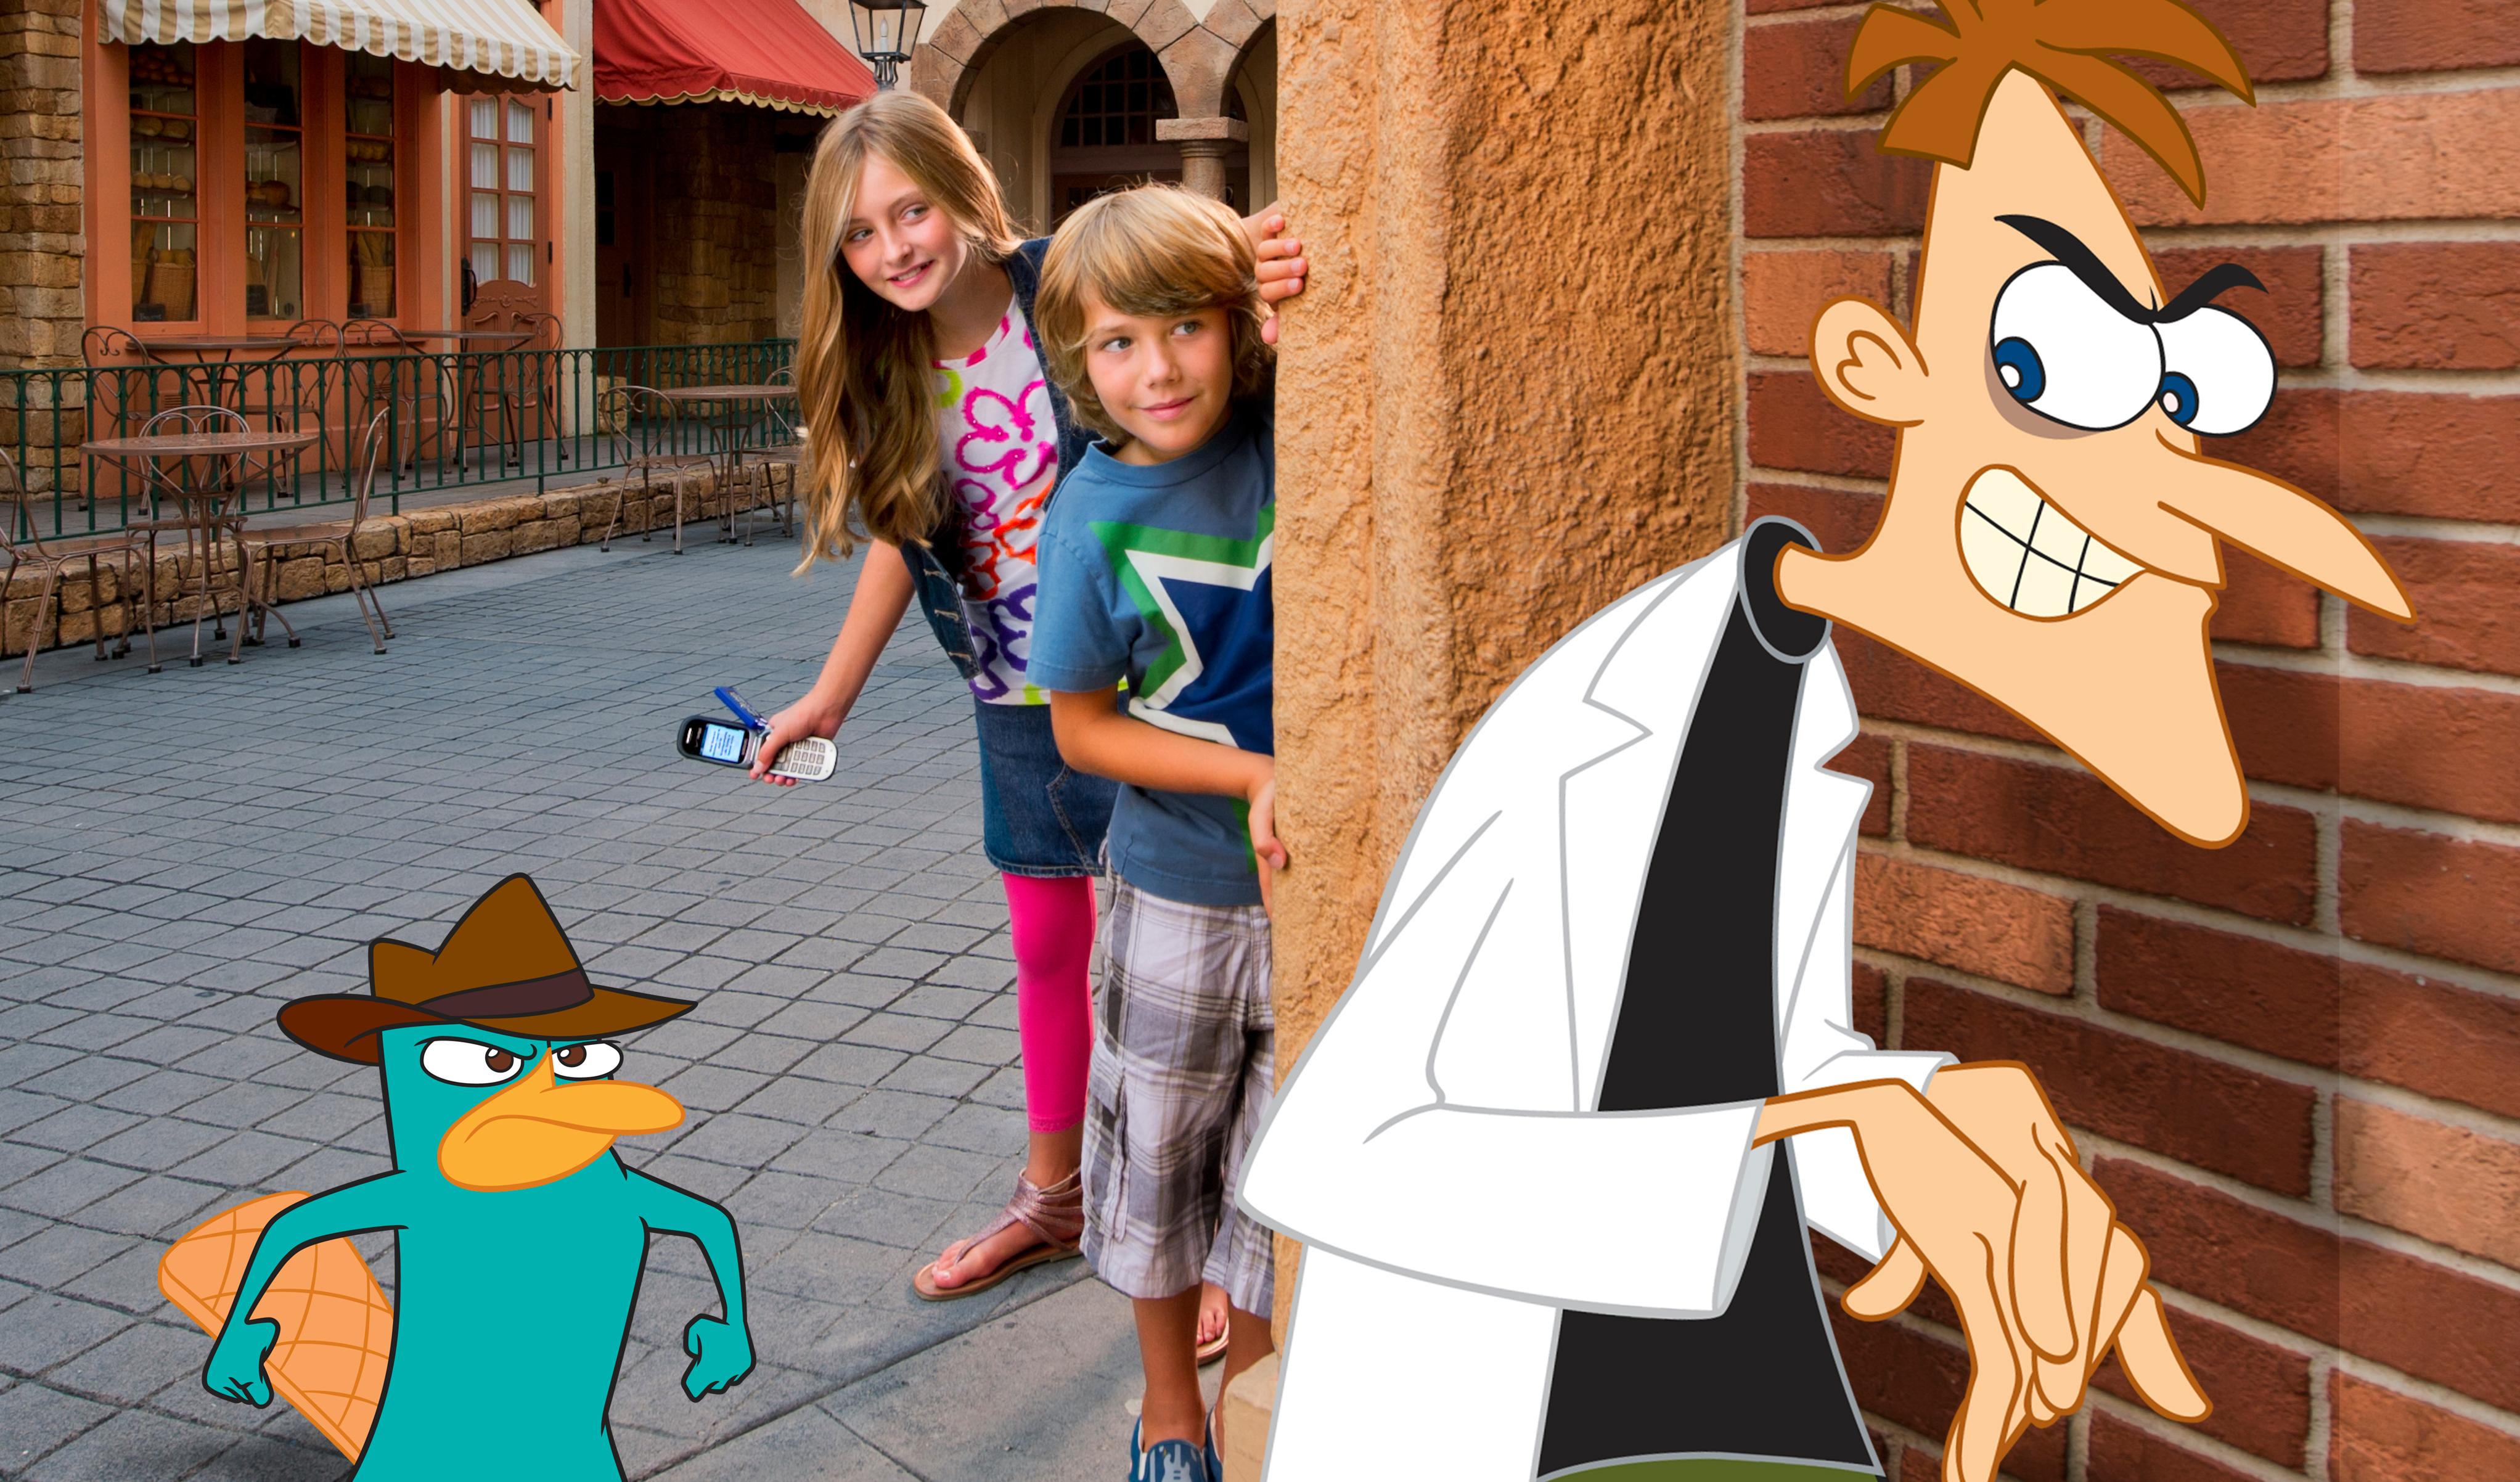 Los Huéspedes espían en una esquina durante Phineas and Ferb: Agent P's World Showcase Adventure